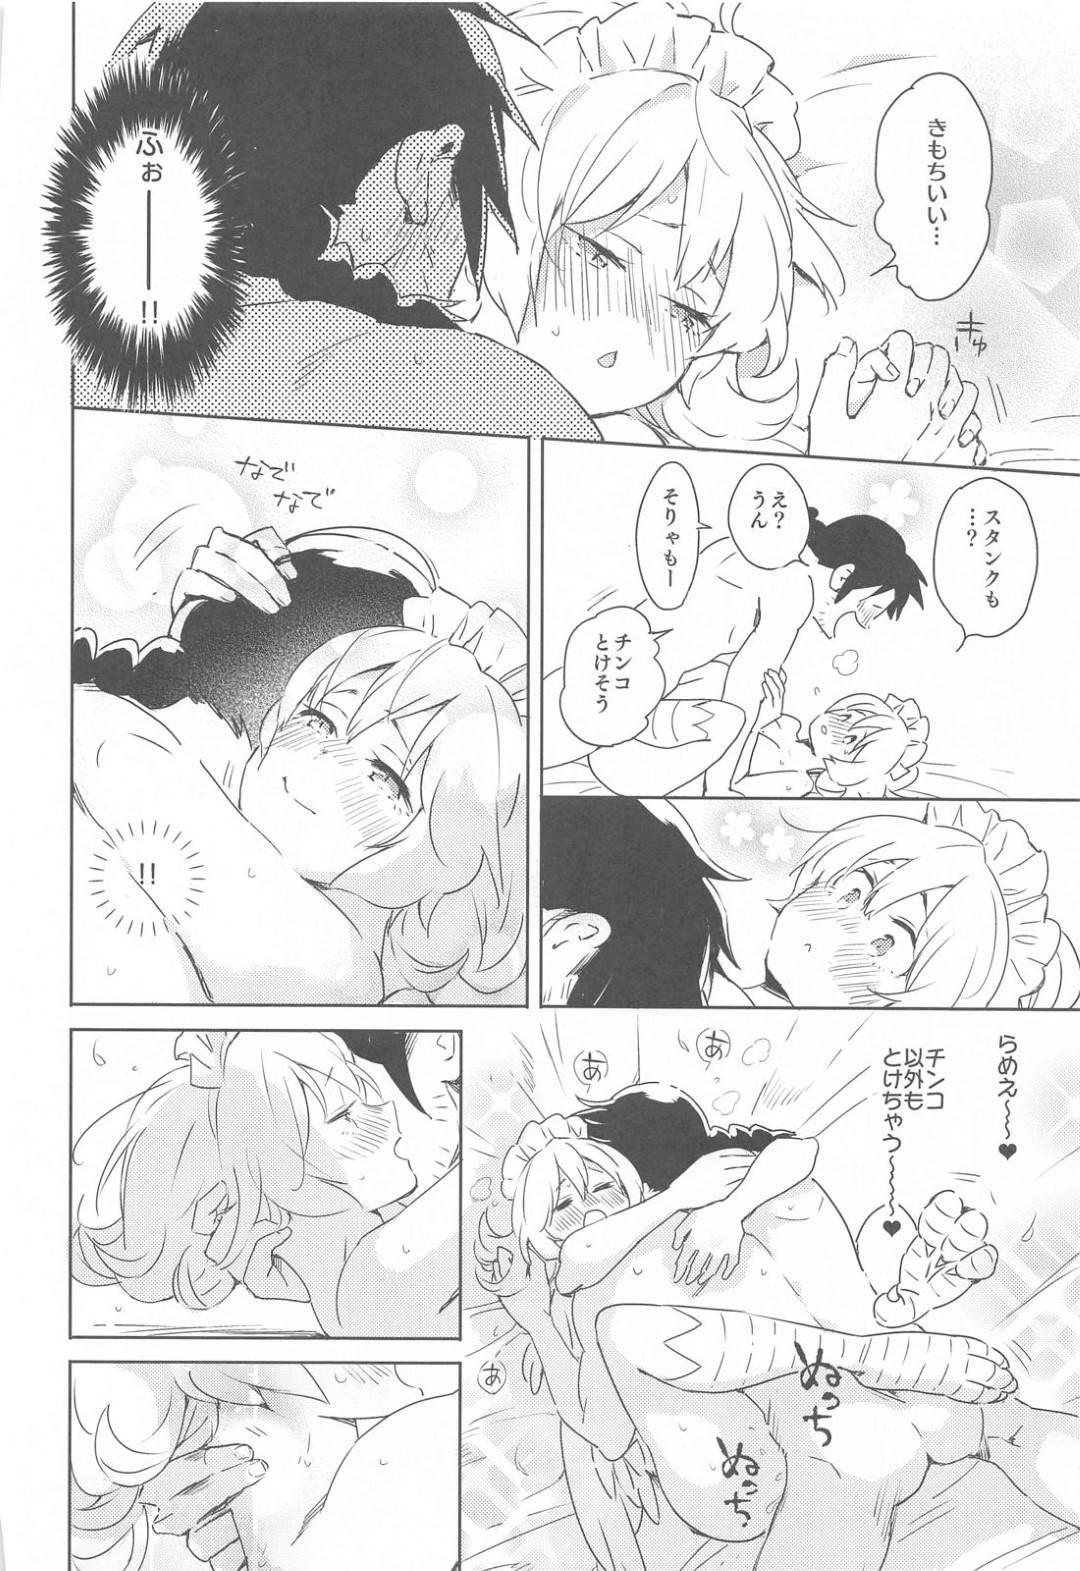 【イチャラブエロ漫画】メイド娘とエッチな雰囲気になった主人公。ベッドに移動した二人はディープキスし合ったり、手マンやクンニで前戯して正常位で生挿入イチャラブセックスへ発展する。【異種族レビュアーズ】